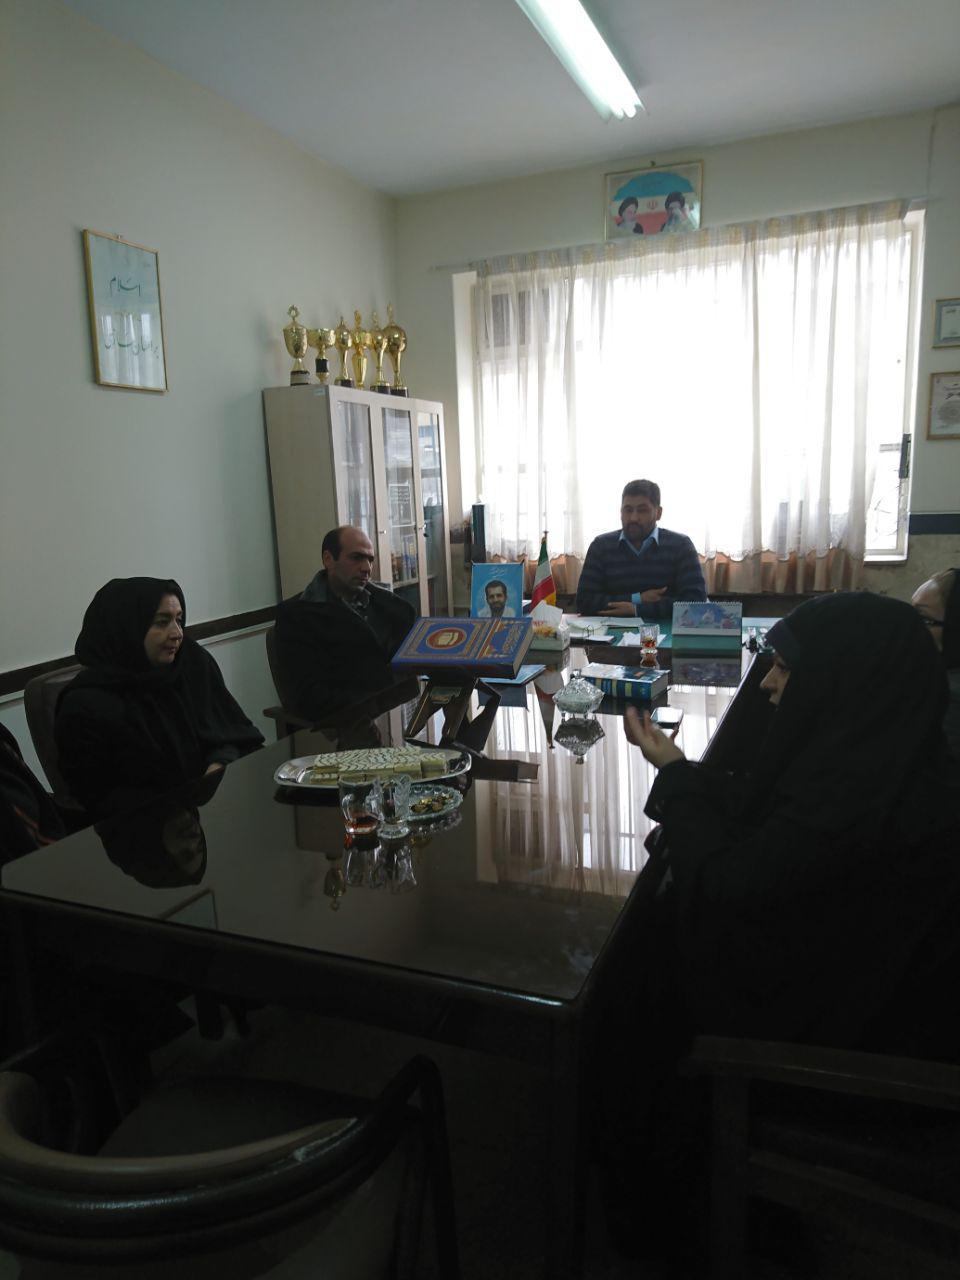 جلسه ی رسمی انجمن اولیا و مربیان در بهمن ماه 95 برگزار شد.